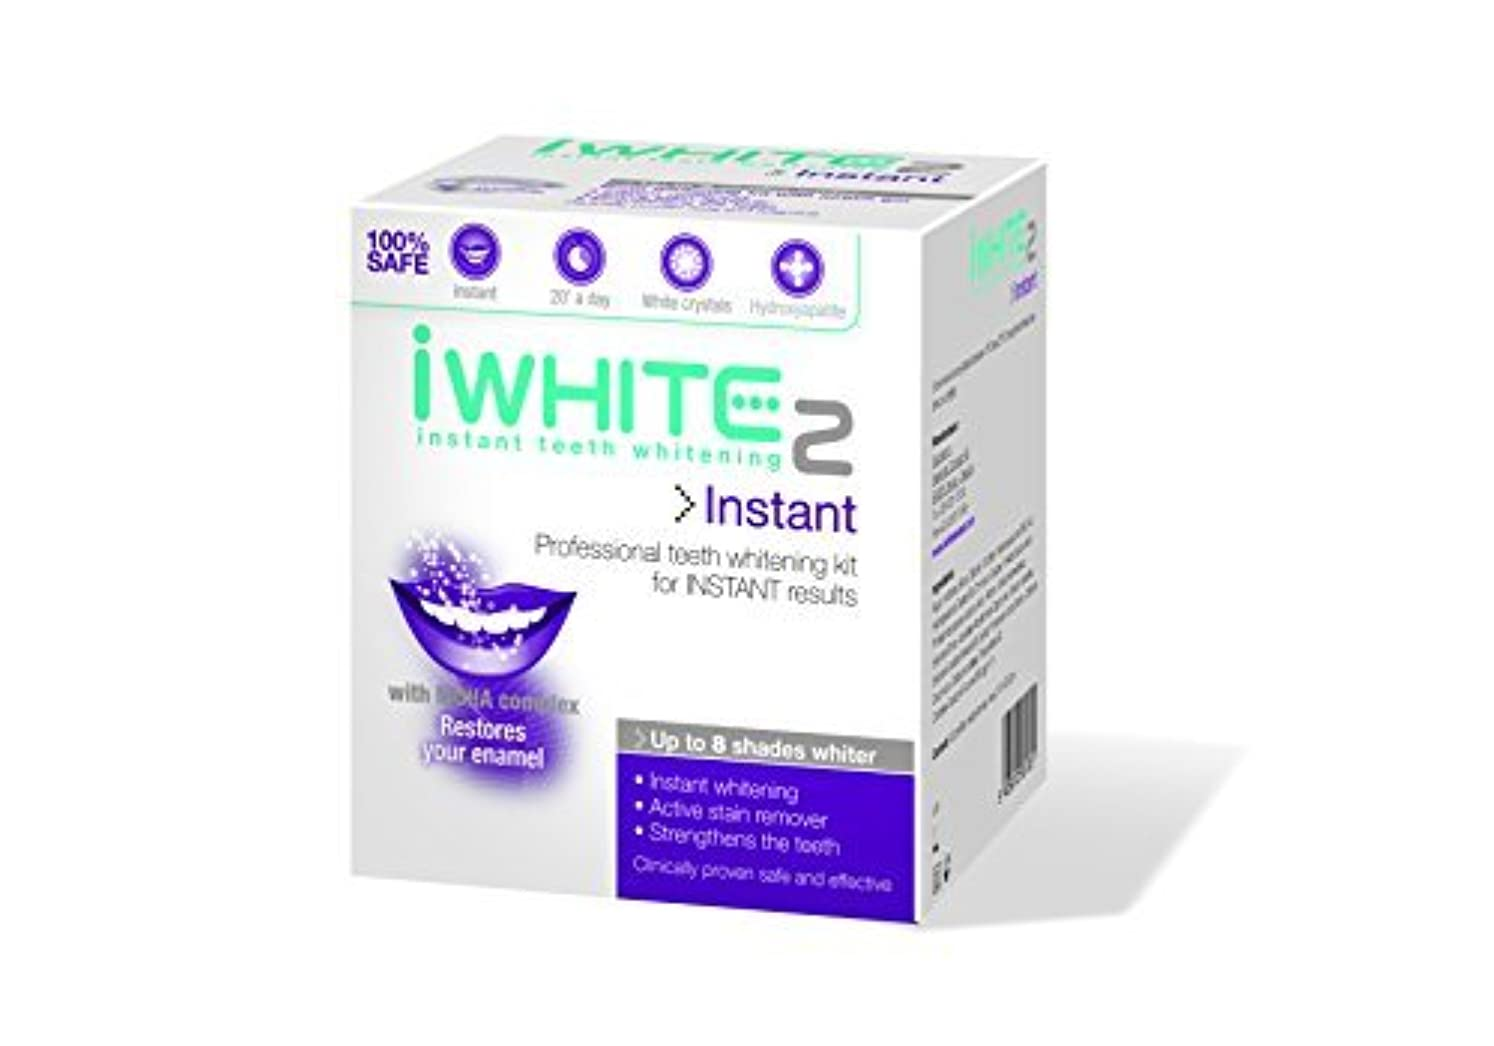 みすぼらしいしなやか水iWhite Instant Two Professional Teeth Whitening Kit - 10 Trays by iWhite [並行輸入品]